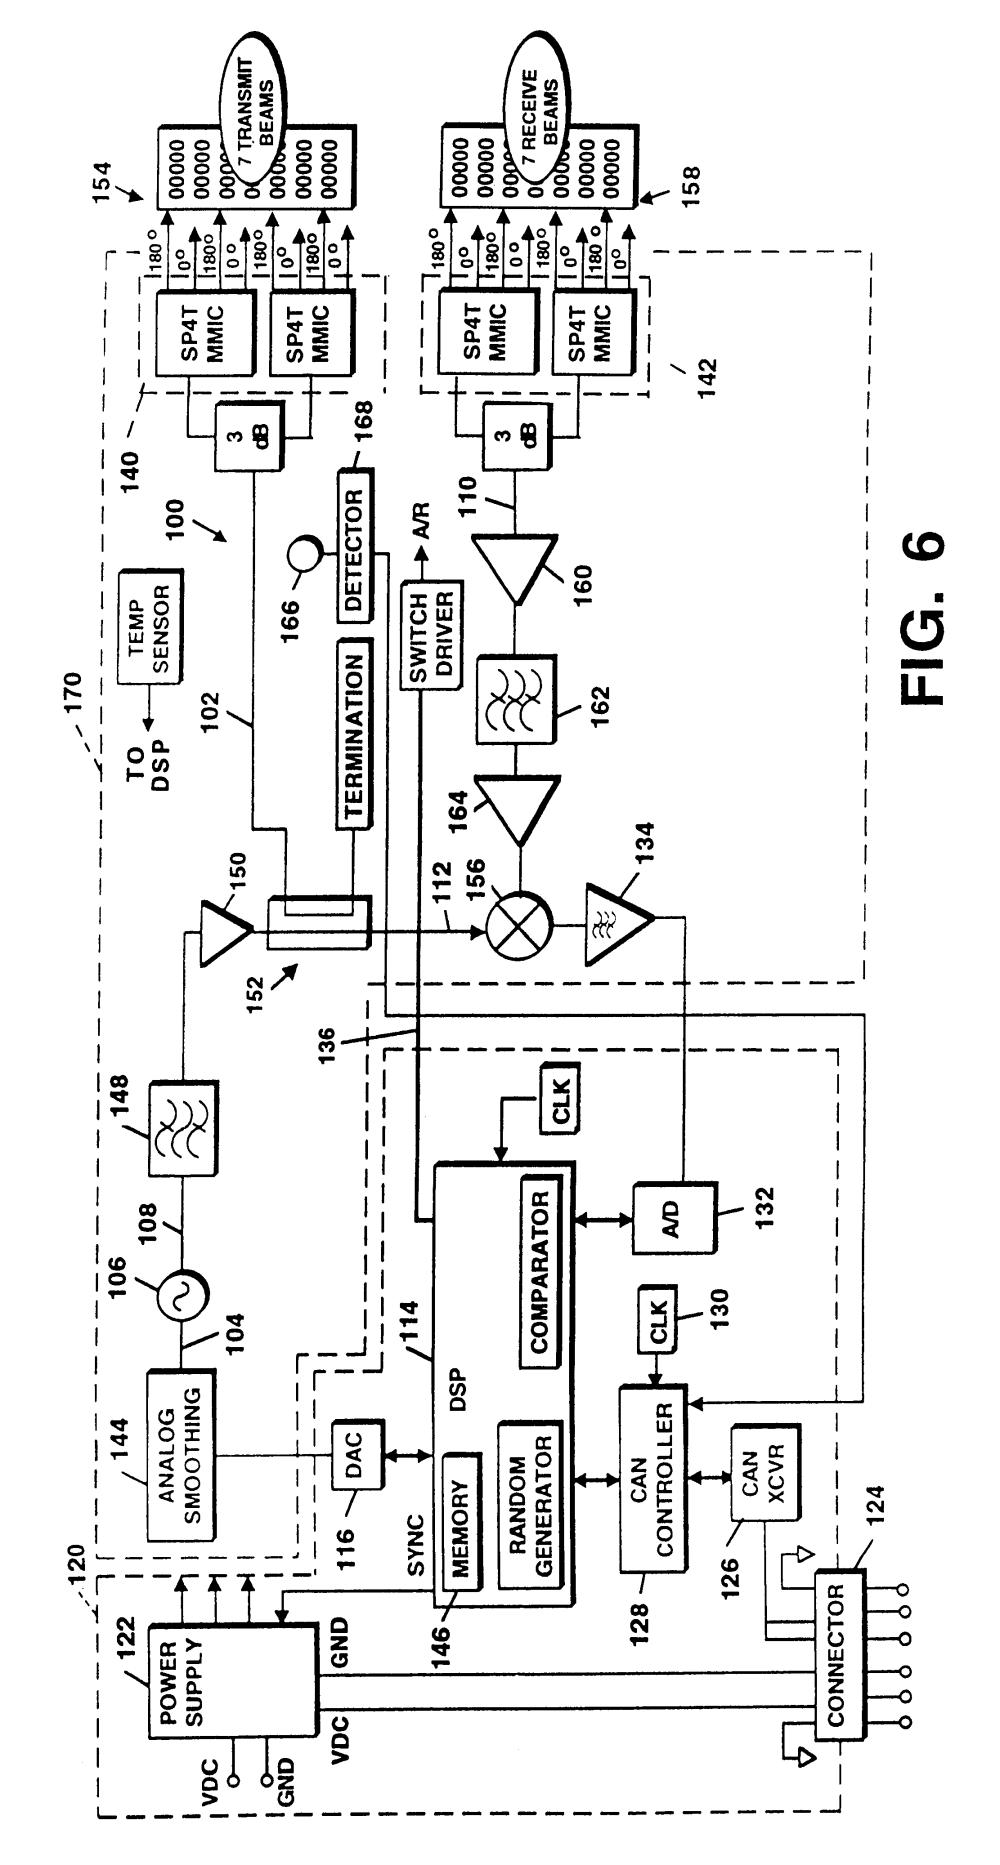 medium resolution of webasto heater schematic radio wiring diagram source unique webasto wiring diagram ilration best